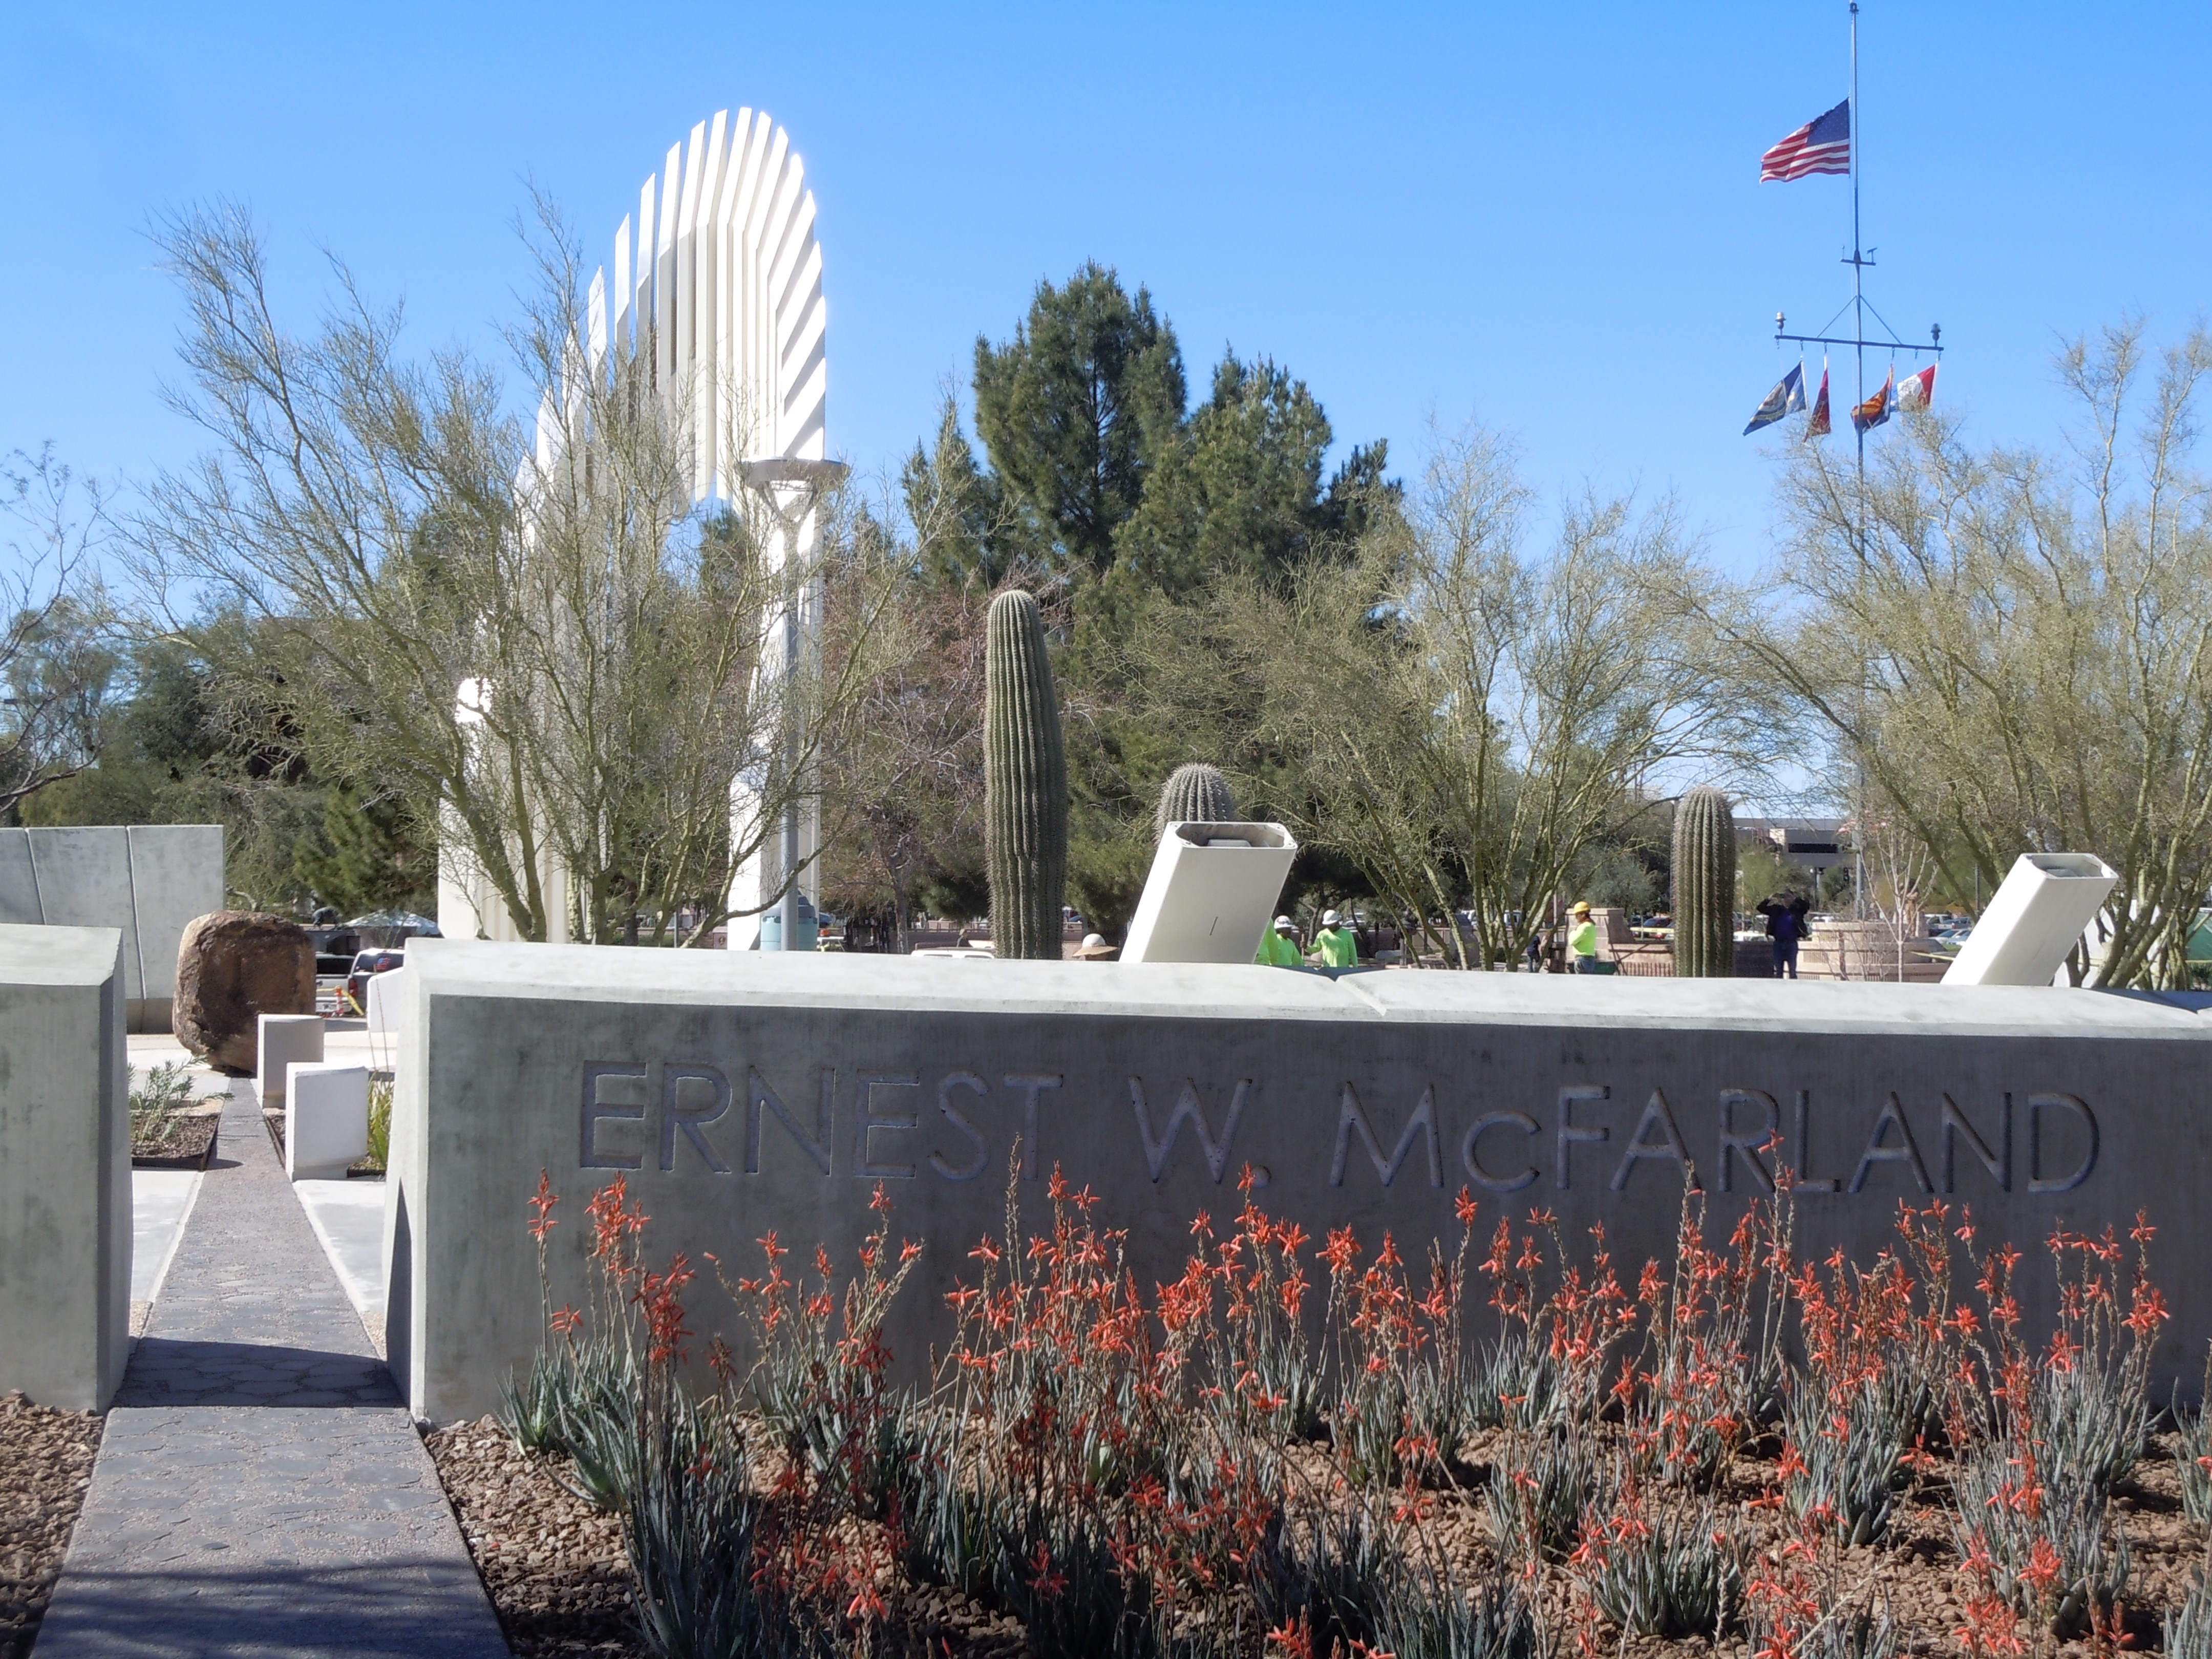 McFarland Memorial